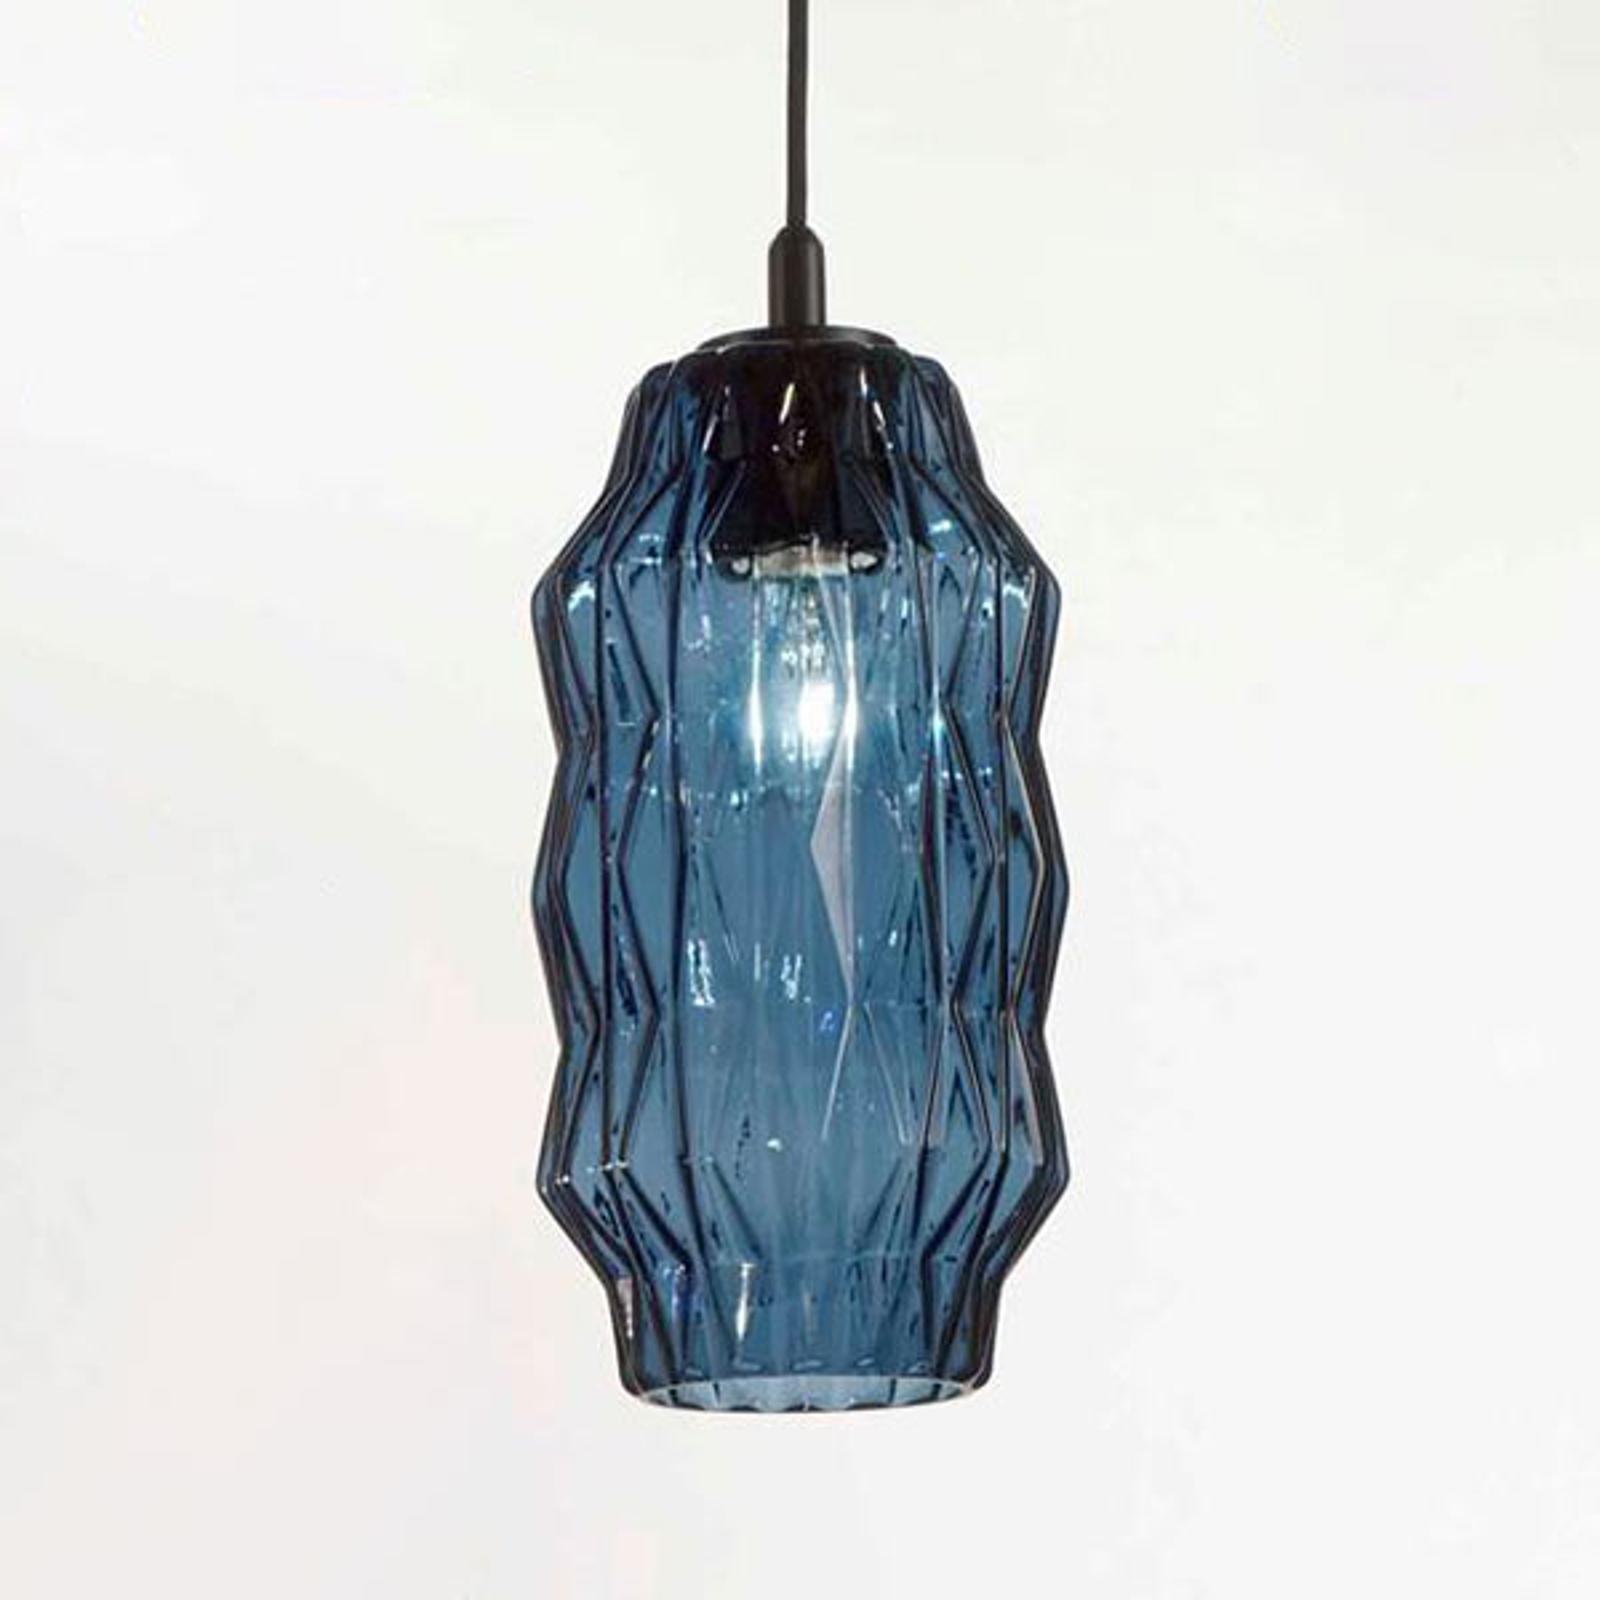 Lampa wisząca Origami ze szkła, niebieska